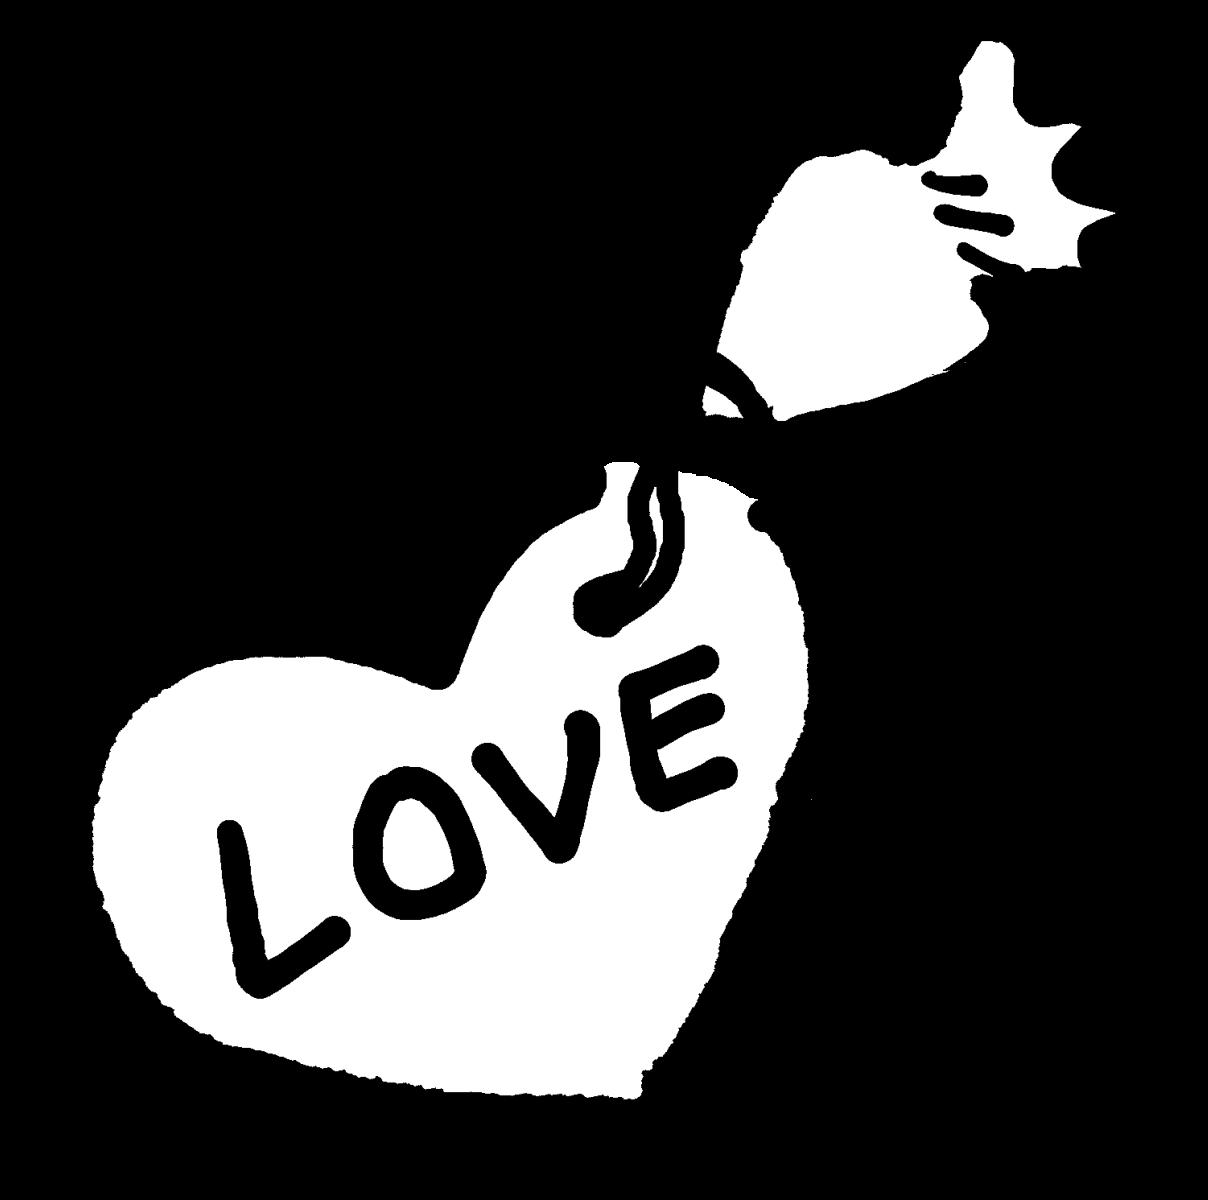 ハートにLOVEのアイシングのイラスト / LOVE icing on the heart Illustration